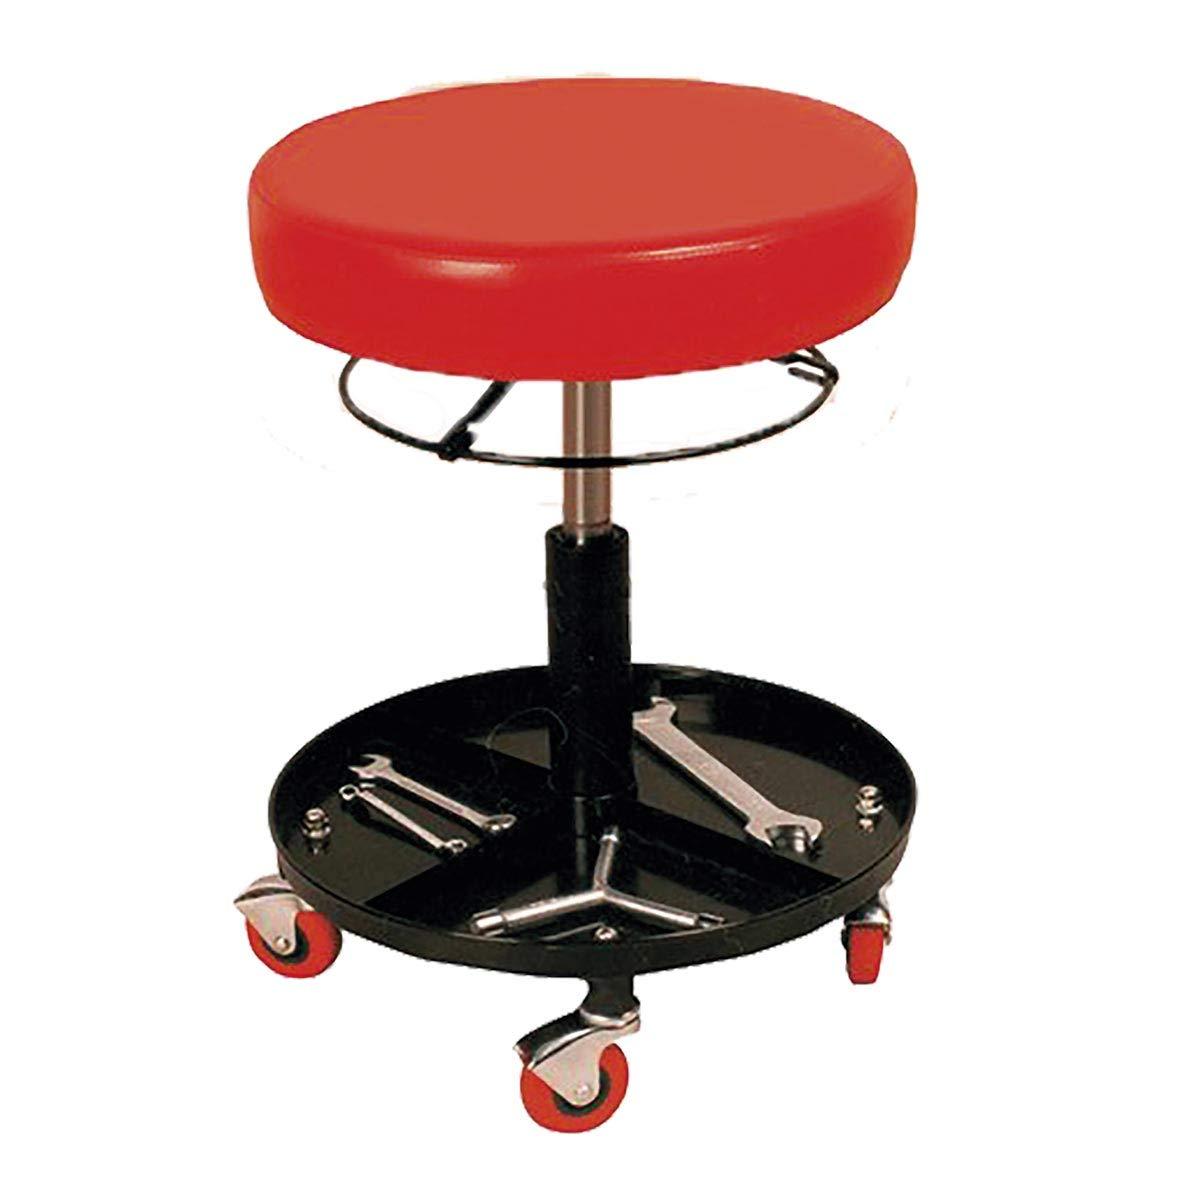 Taburete de trabajo ajustable/regulable en altura con ruedas para taller mecanico y casa - Asiento de FOAM ACOLCHADO BRICO